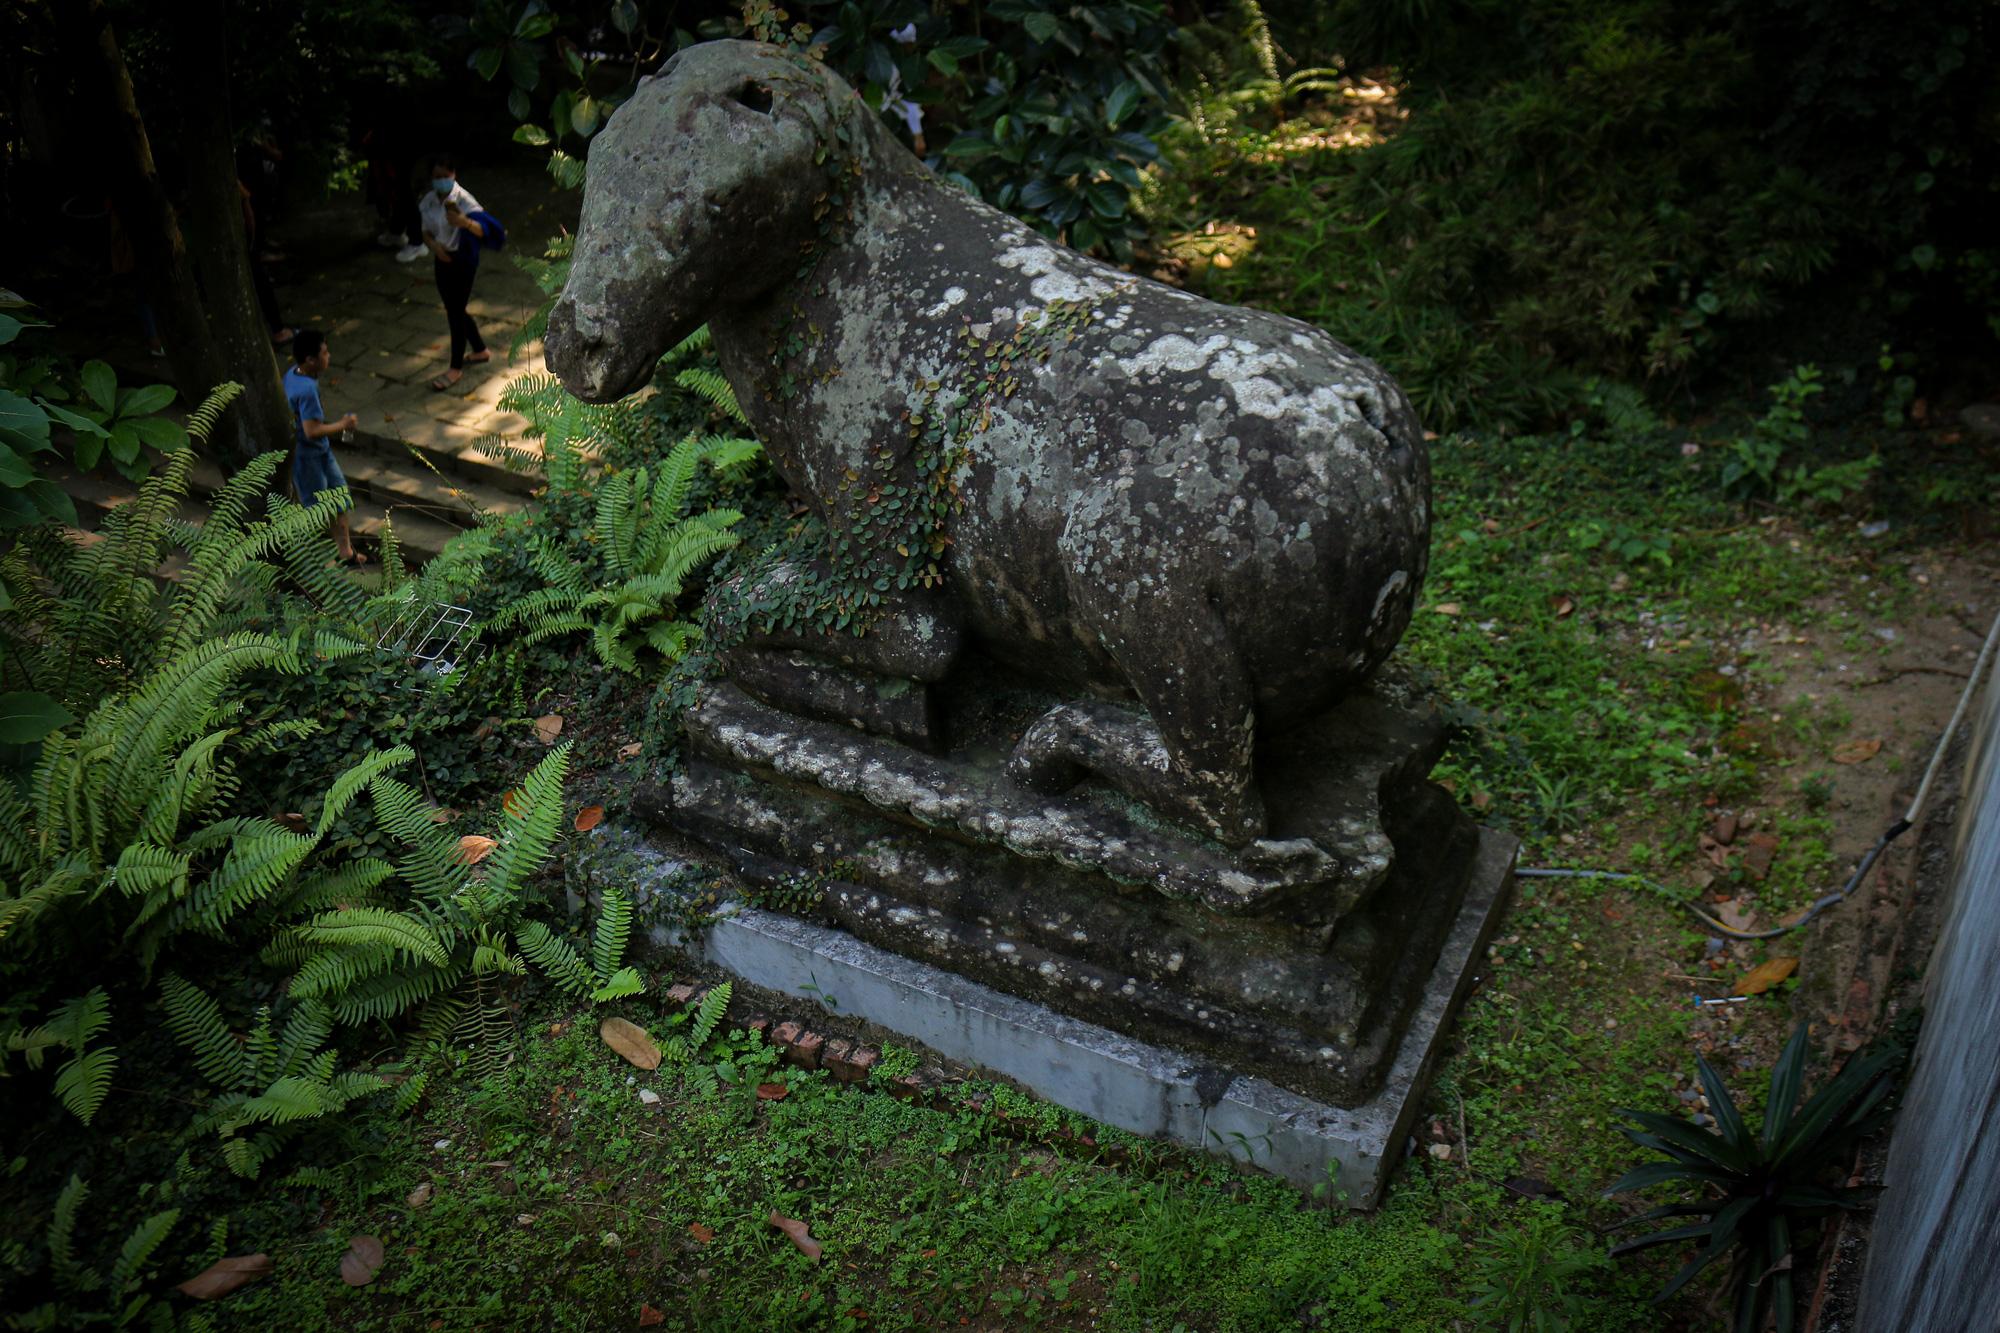 Bất ngờ ý nghĩa thực sự của bộ tượng linh thú nghìn tuổi ở chùa Phật Tích - Ảnh 12.